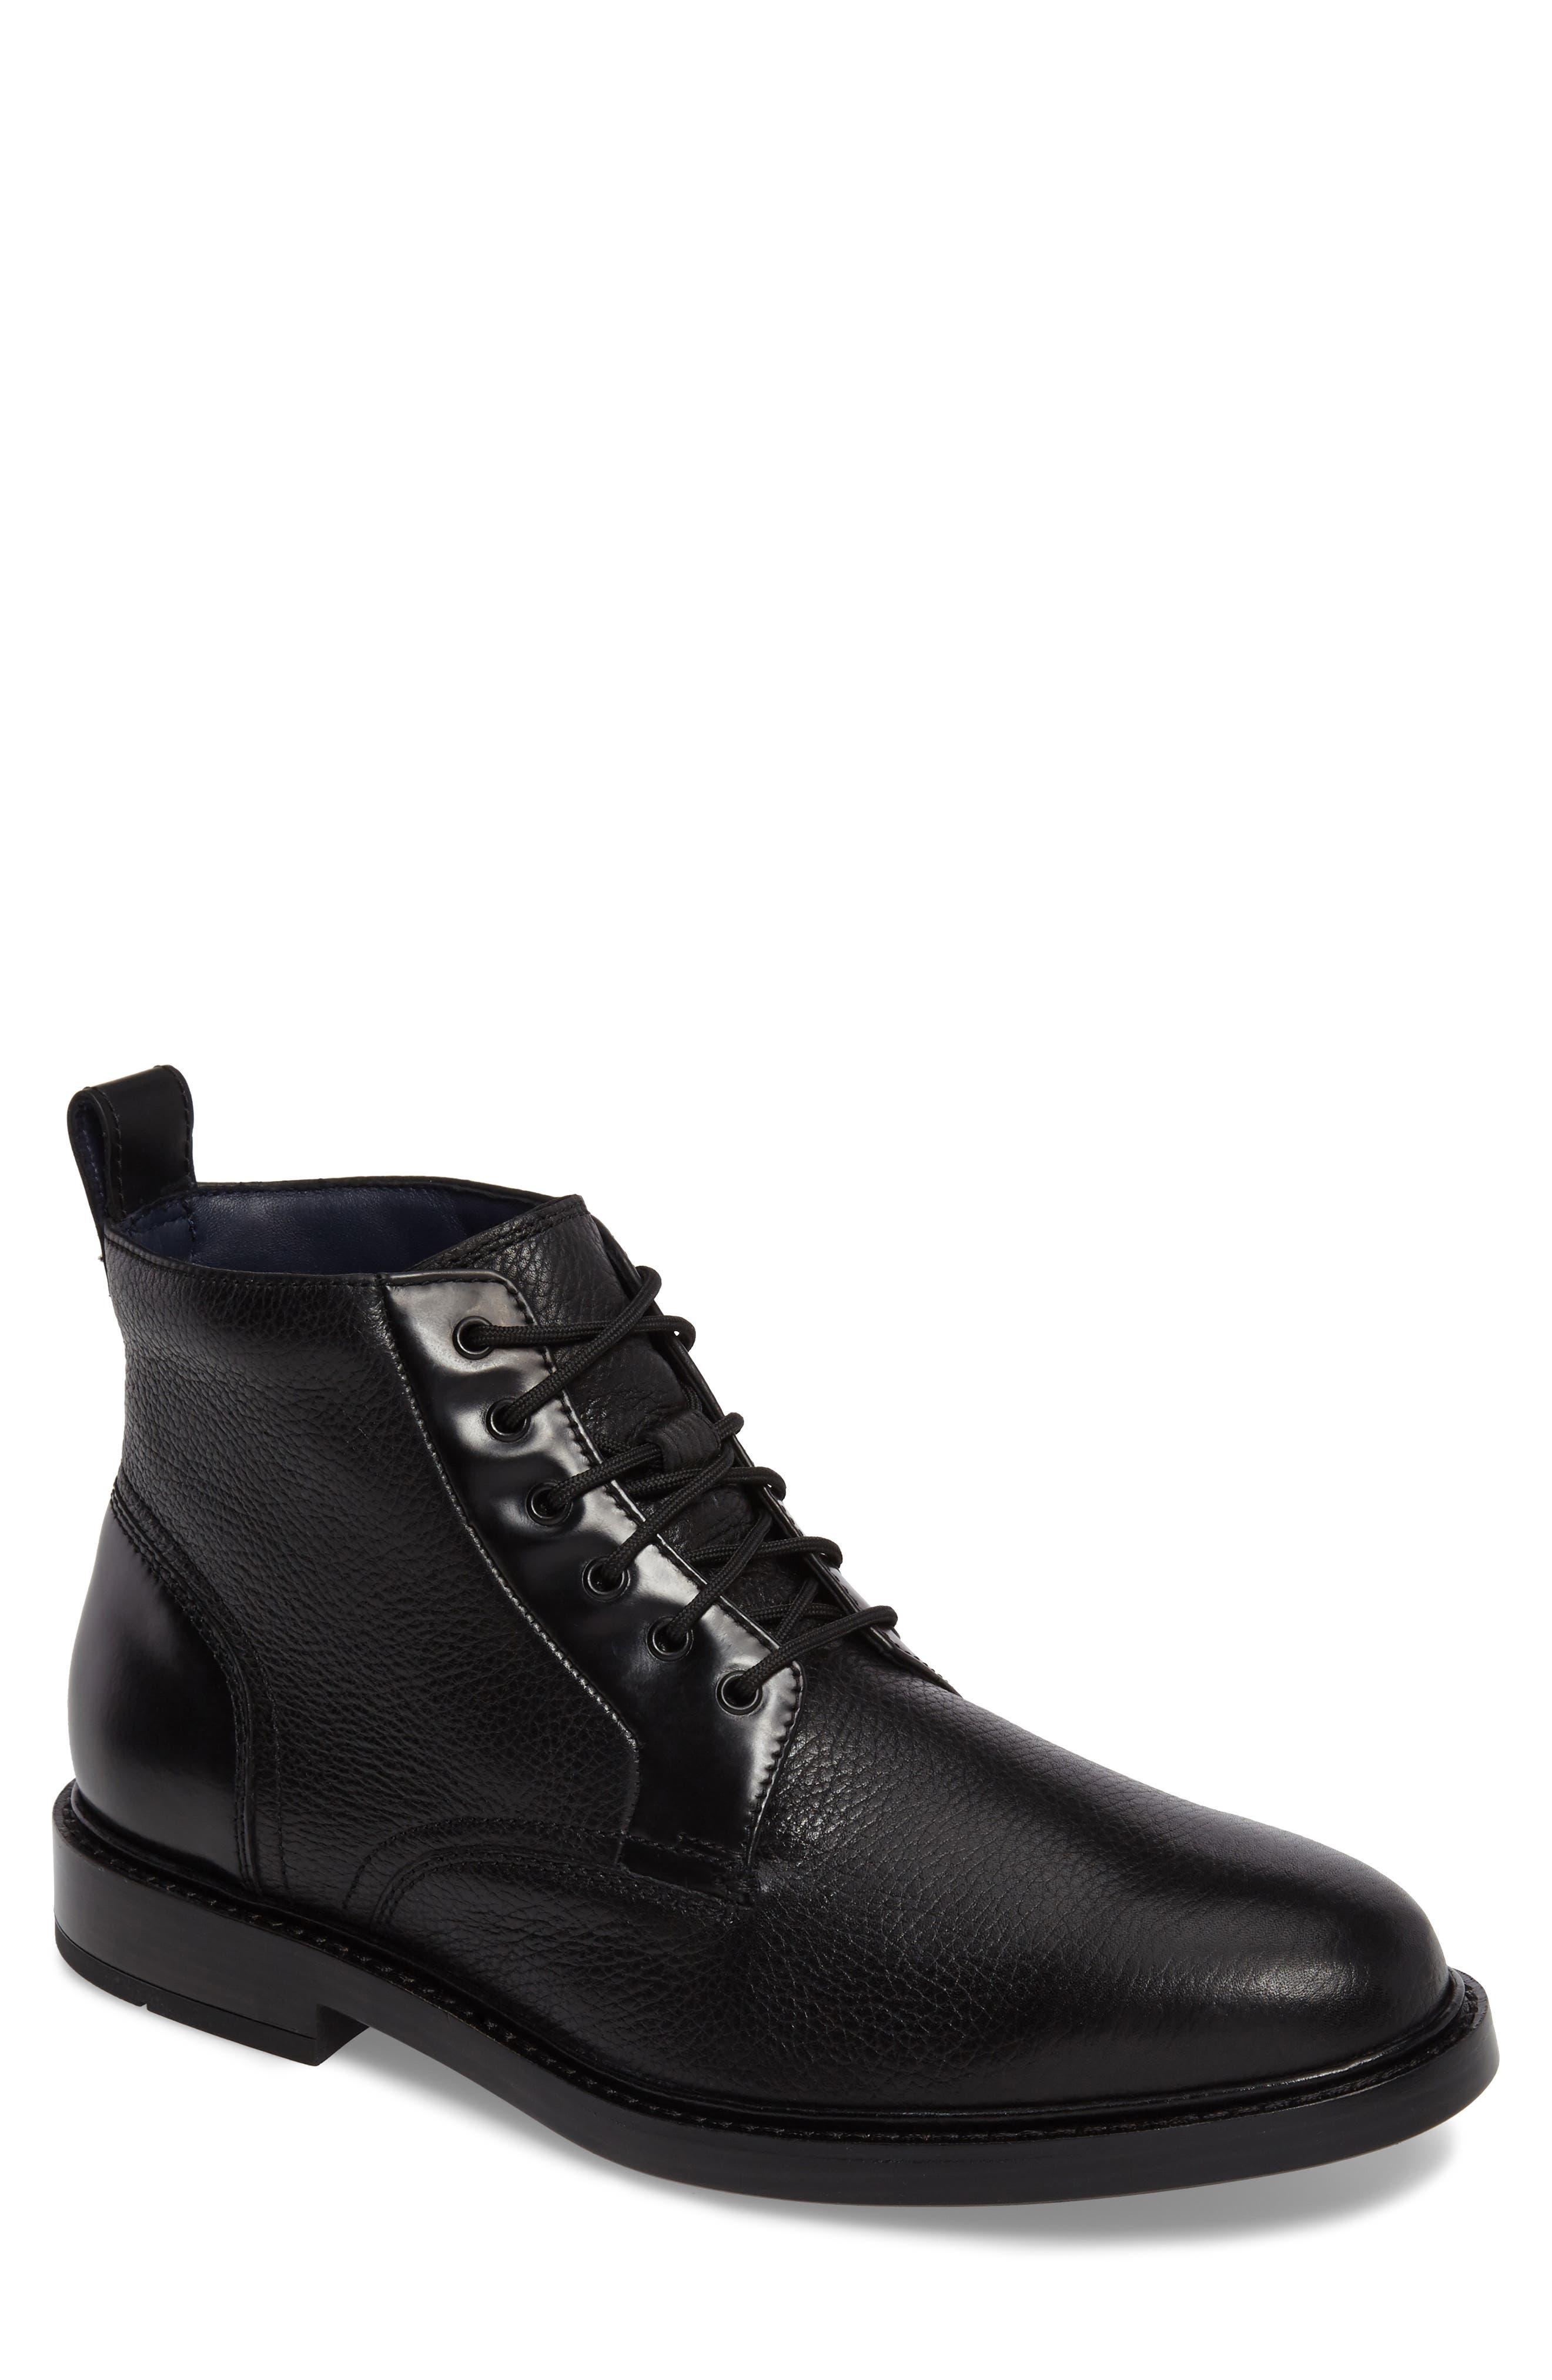 Alternate Image 1 Selected - Cole Haan Adams Grand Plain Toe Boot (Men)